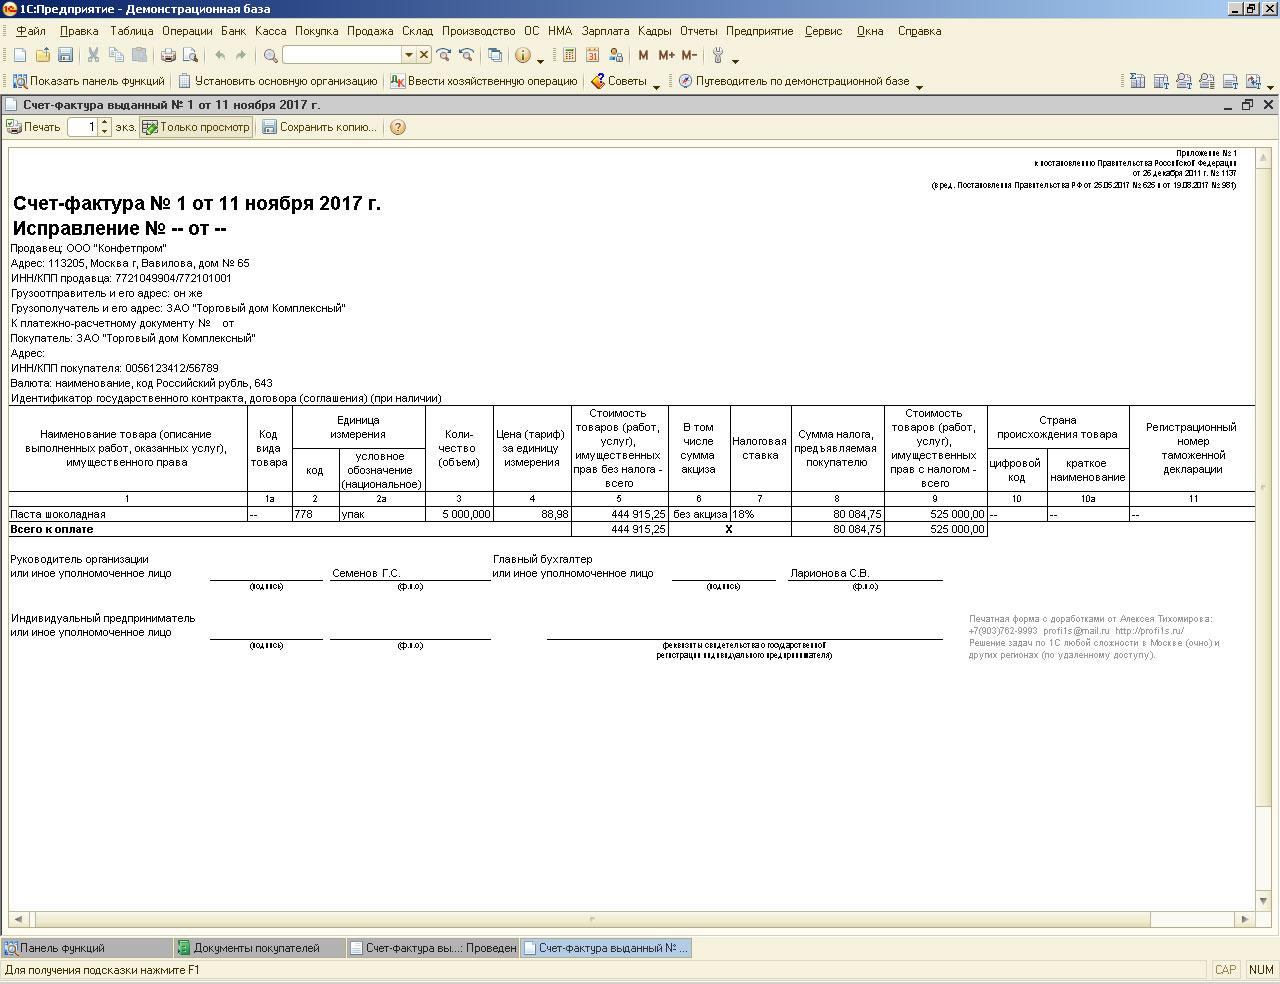 Установка внешних обработок в 1с 8.2 тн расчет времени на обновление нетиповой конфигурации 1с 8